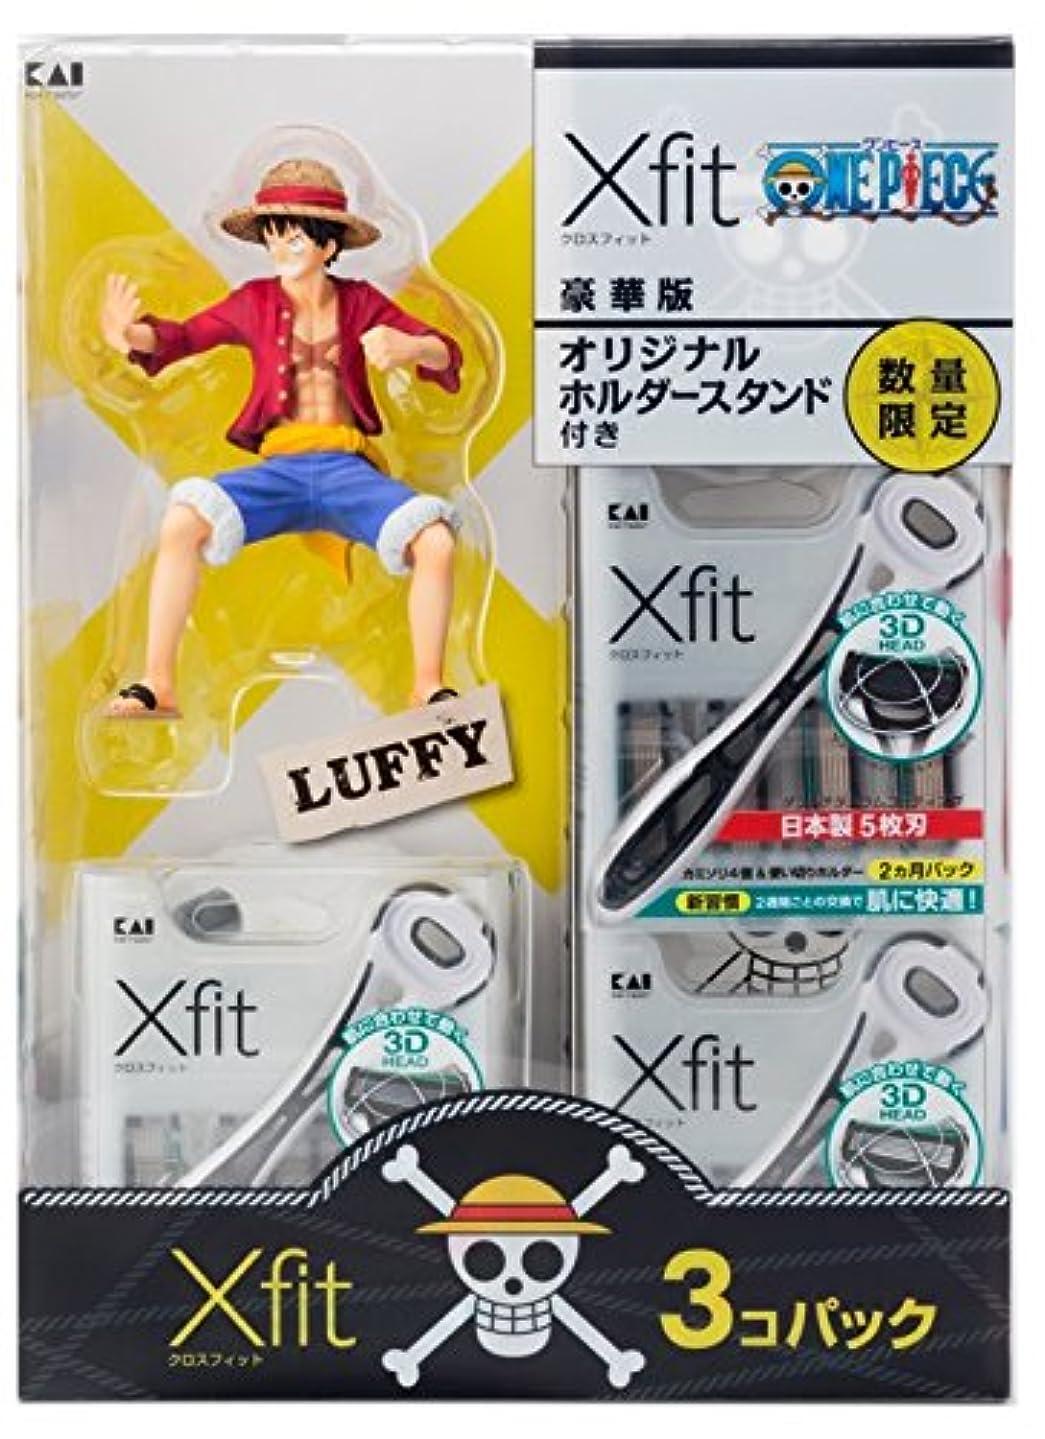 意図するゴネリルヶ月目Xfit(クロスフィット)5枚刃カミソリ ワンピース企画第1弾3コパック+オリジナルホルダースタンド(ルフィ)